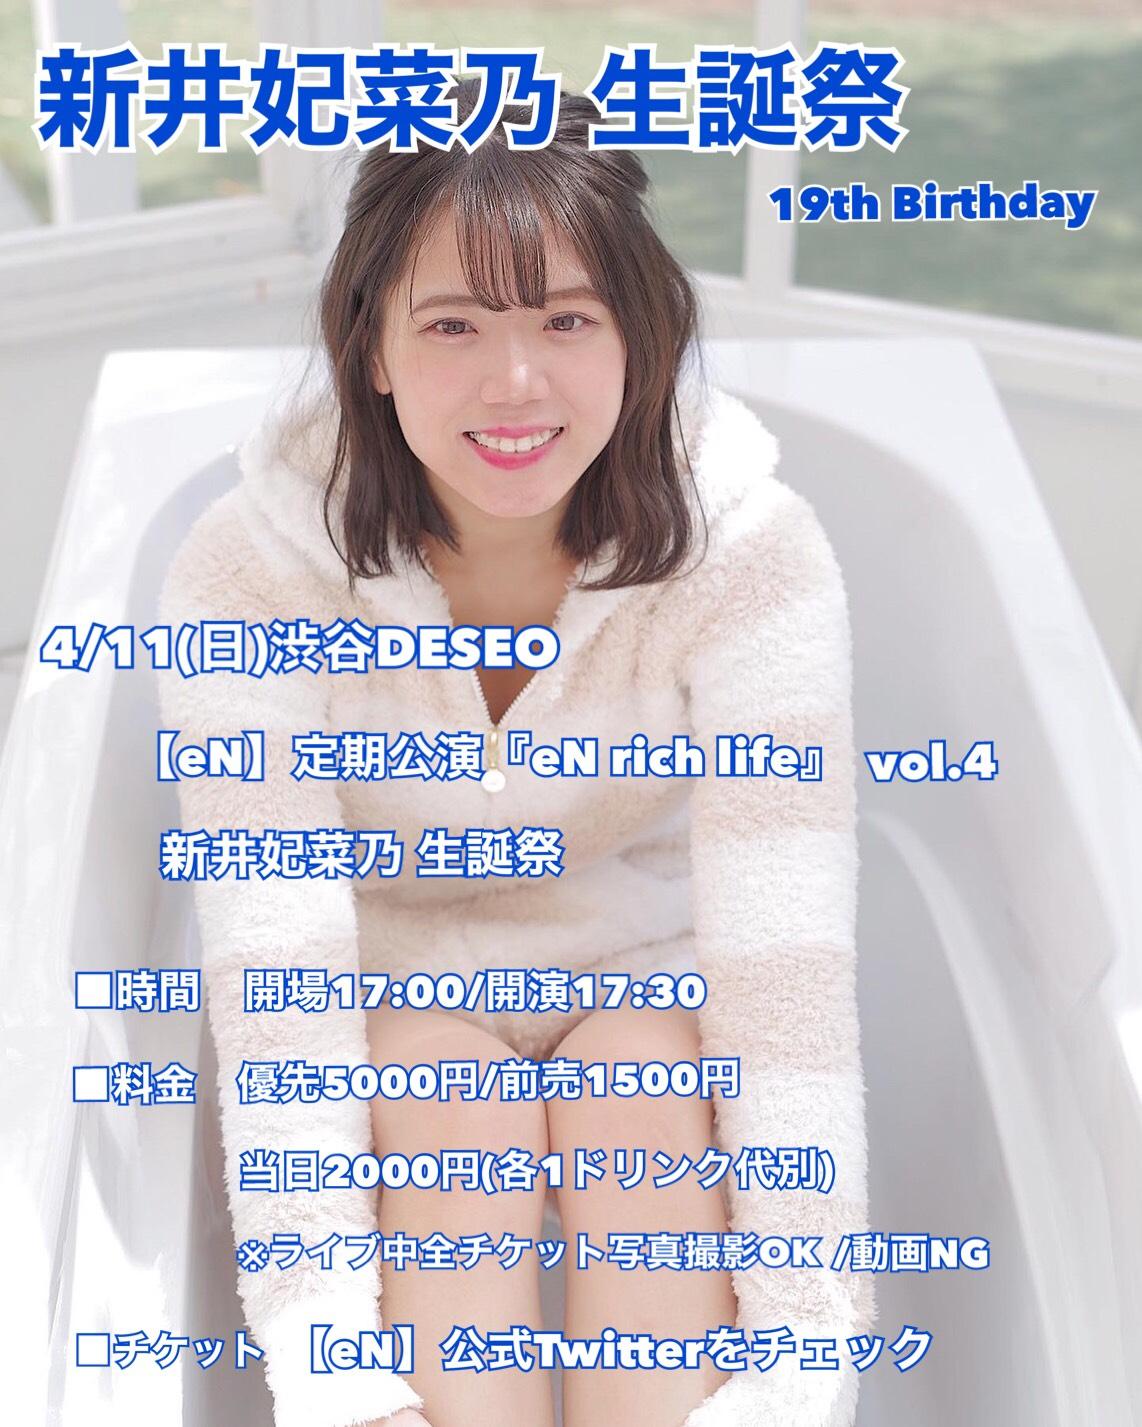 2021/4/11(日) 【eN】定期公演『eN rich life』vol.4〜新井妃菜乃生誕祭〜渋谷DESEO